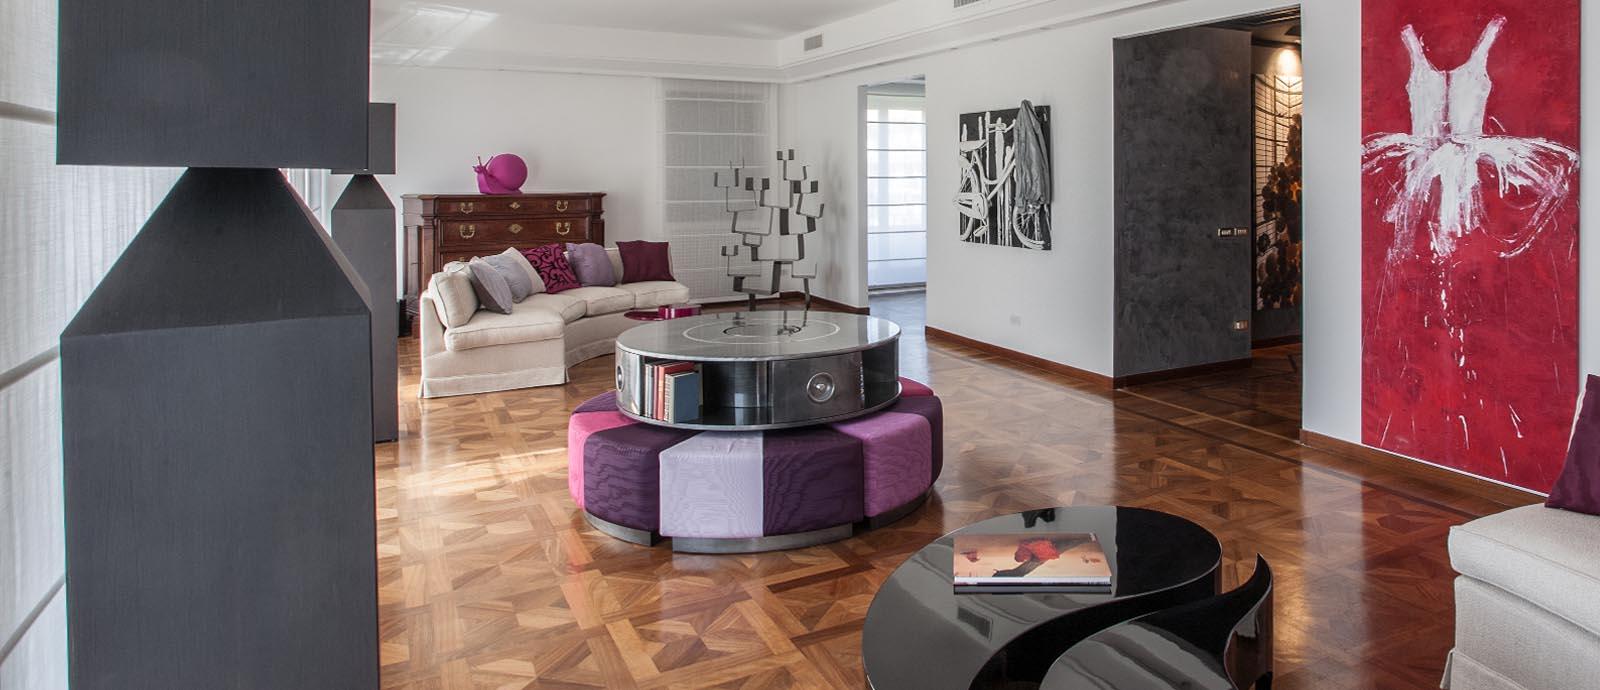 Storica azienda italiana, di respiro internazionale, del design di lusso che si pone come unico interlocutore per clienti, architetti, designer. Luxury Interior Design Design Interni Immobili Di Lusso